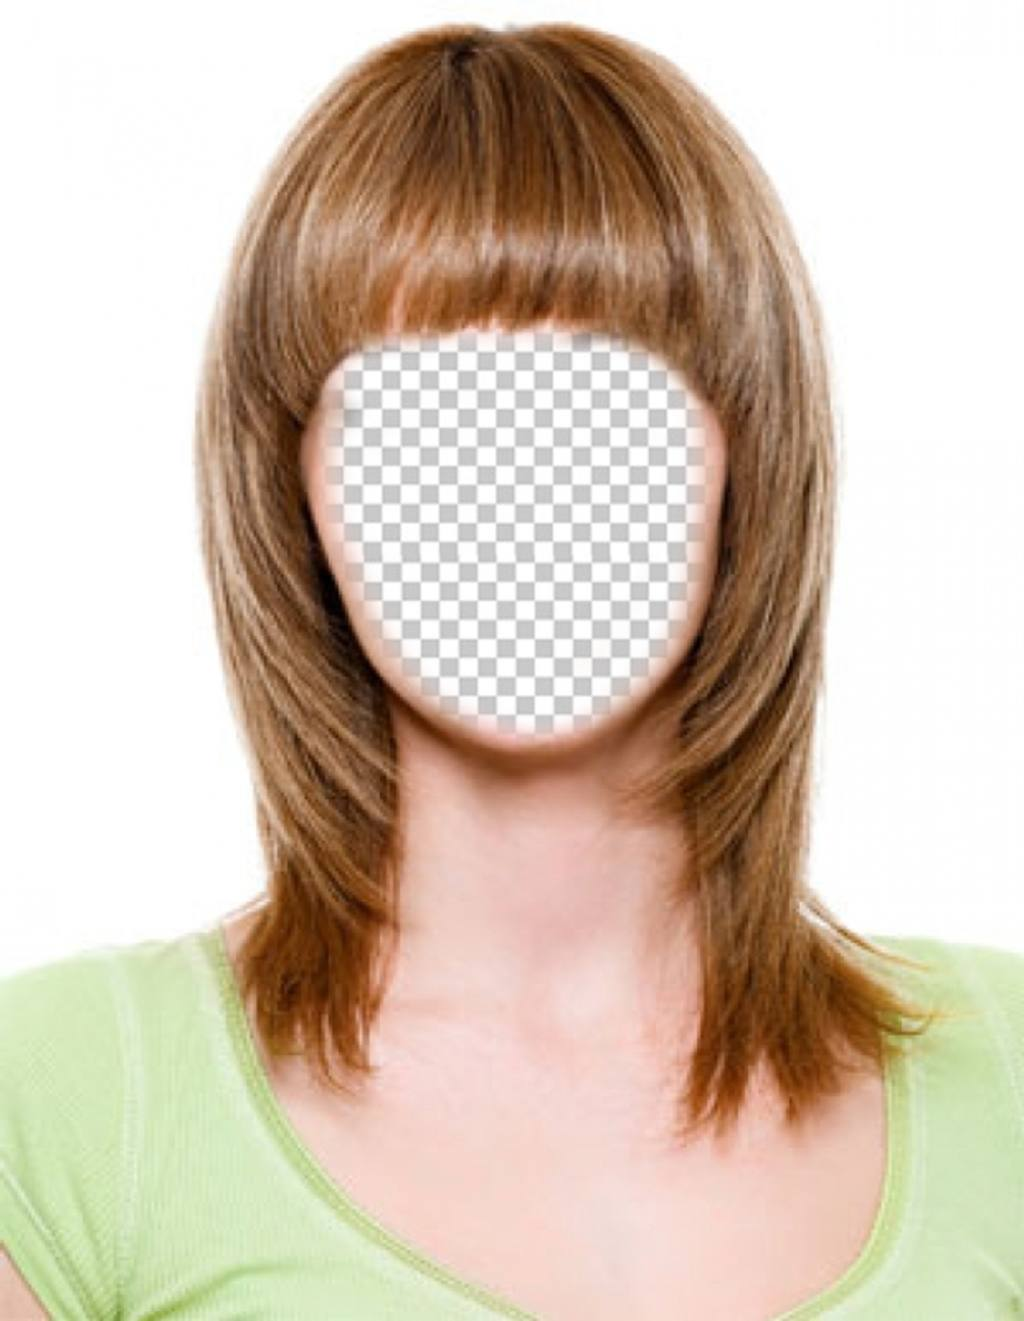 Cambia tu pelo a castaño claro y corto con este fotomontaje para editar